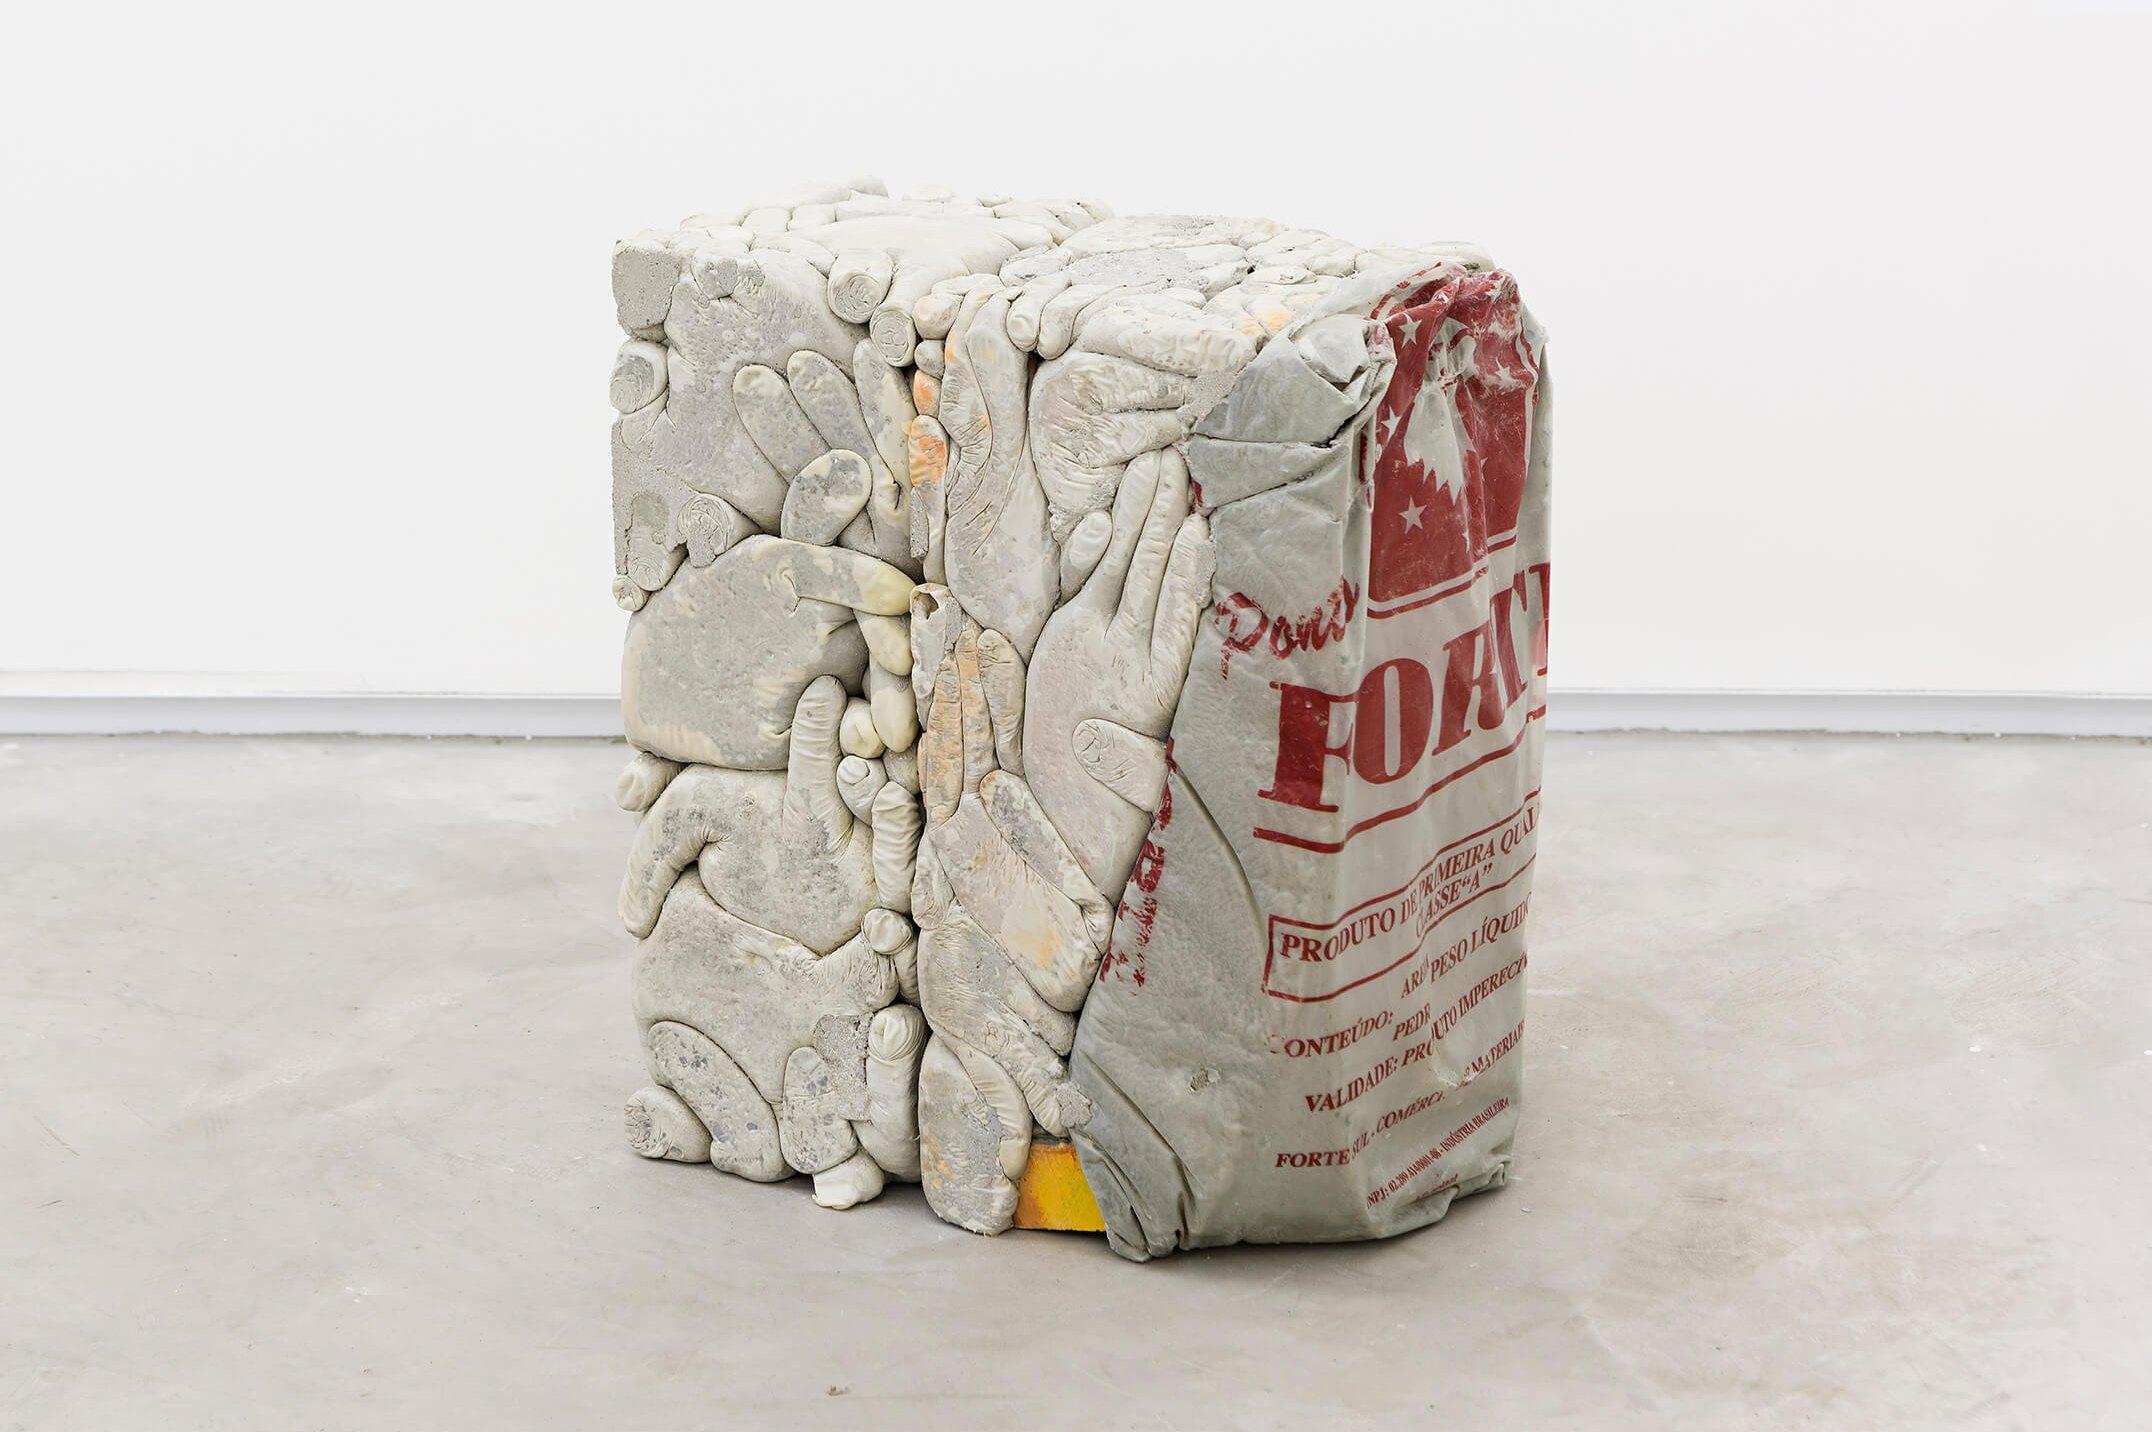 Allyson Vieira, <em>Block 9, Block 12</em>, 2015, concrete, <em>Worker</em> scraps, concrete blocks, 39 × 34 × 19 cm - Mendes Wood DM